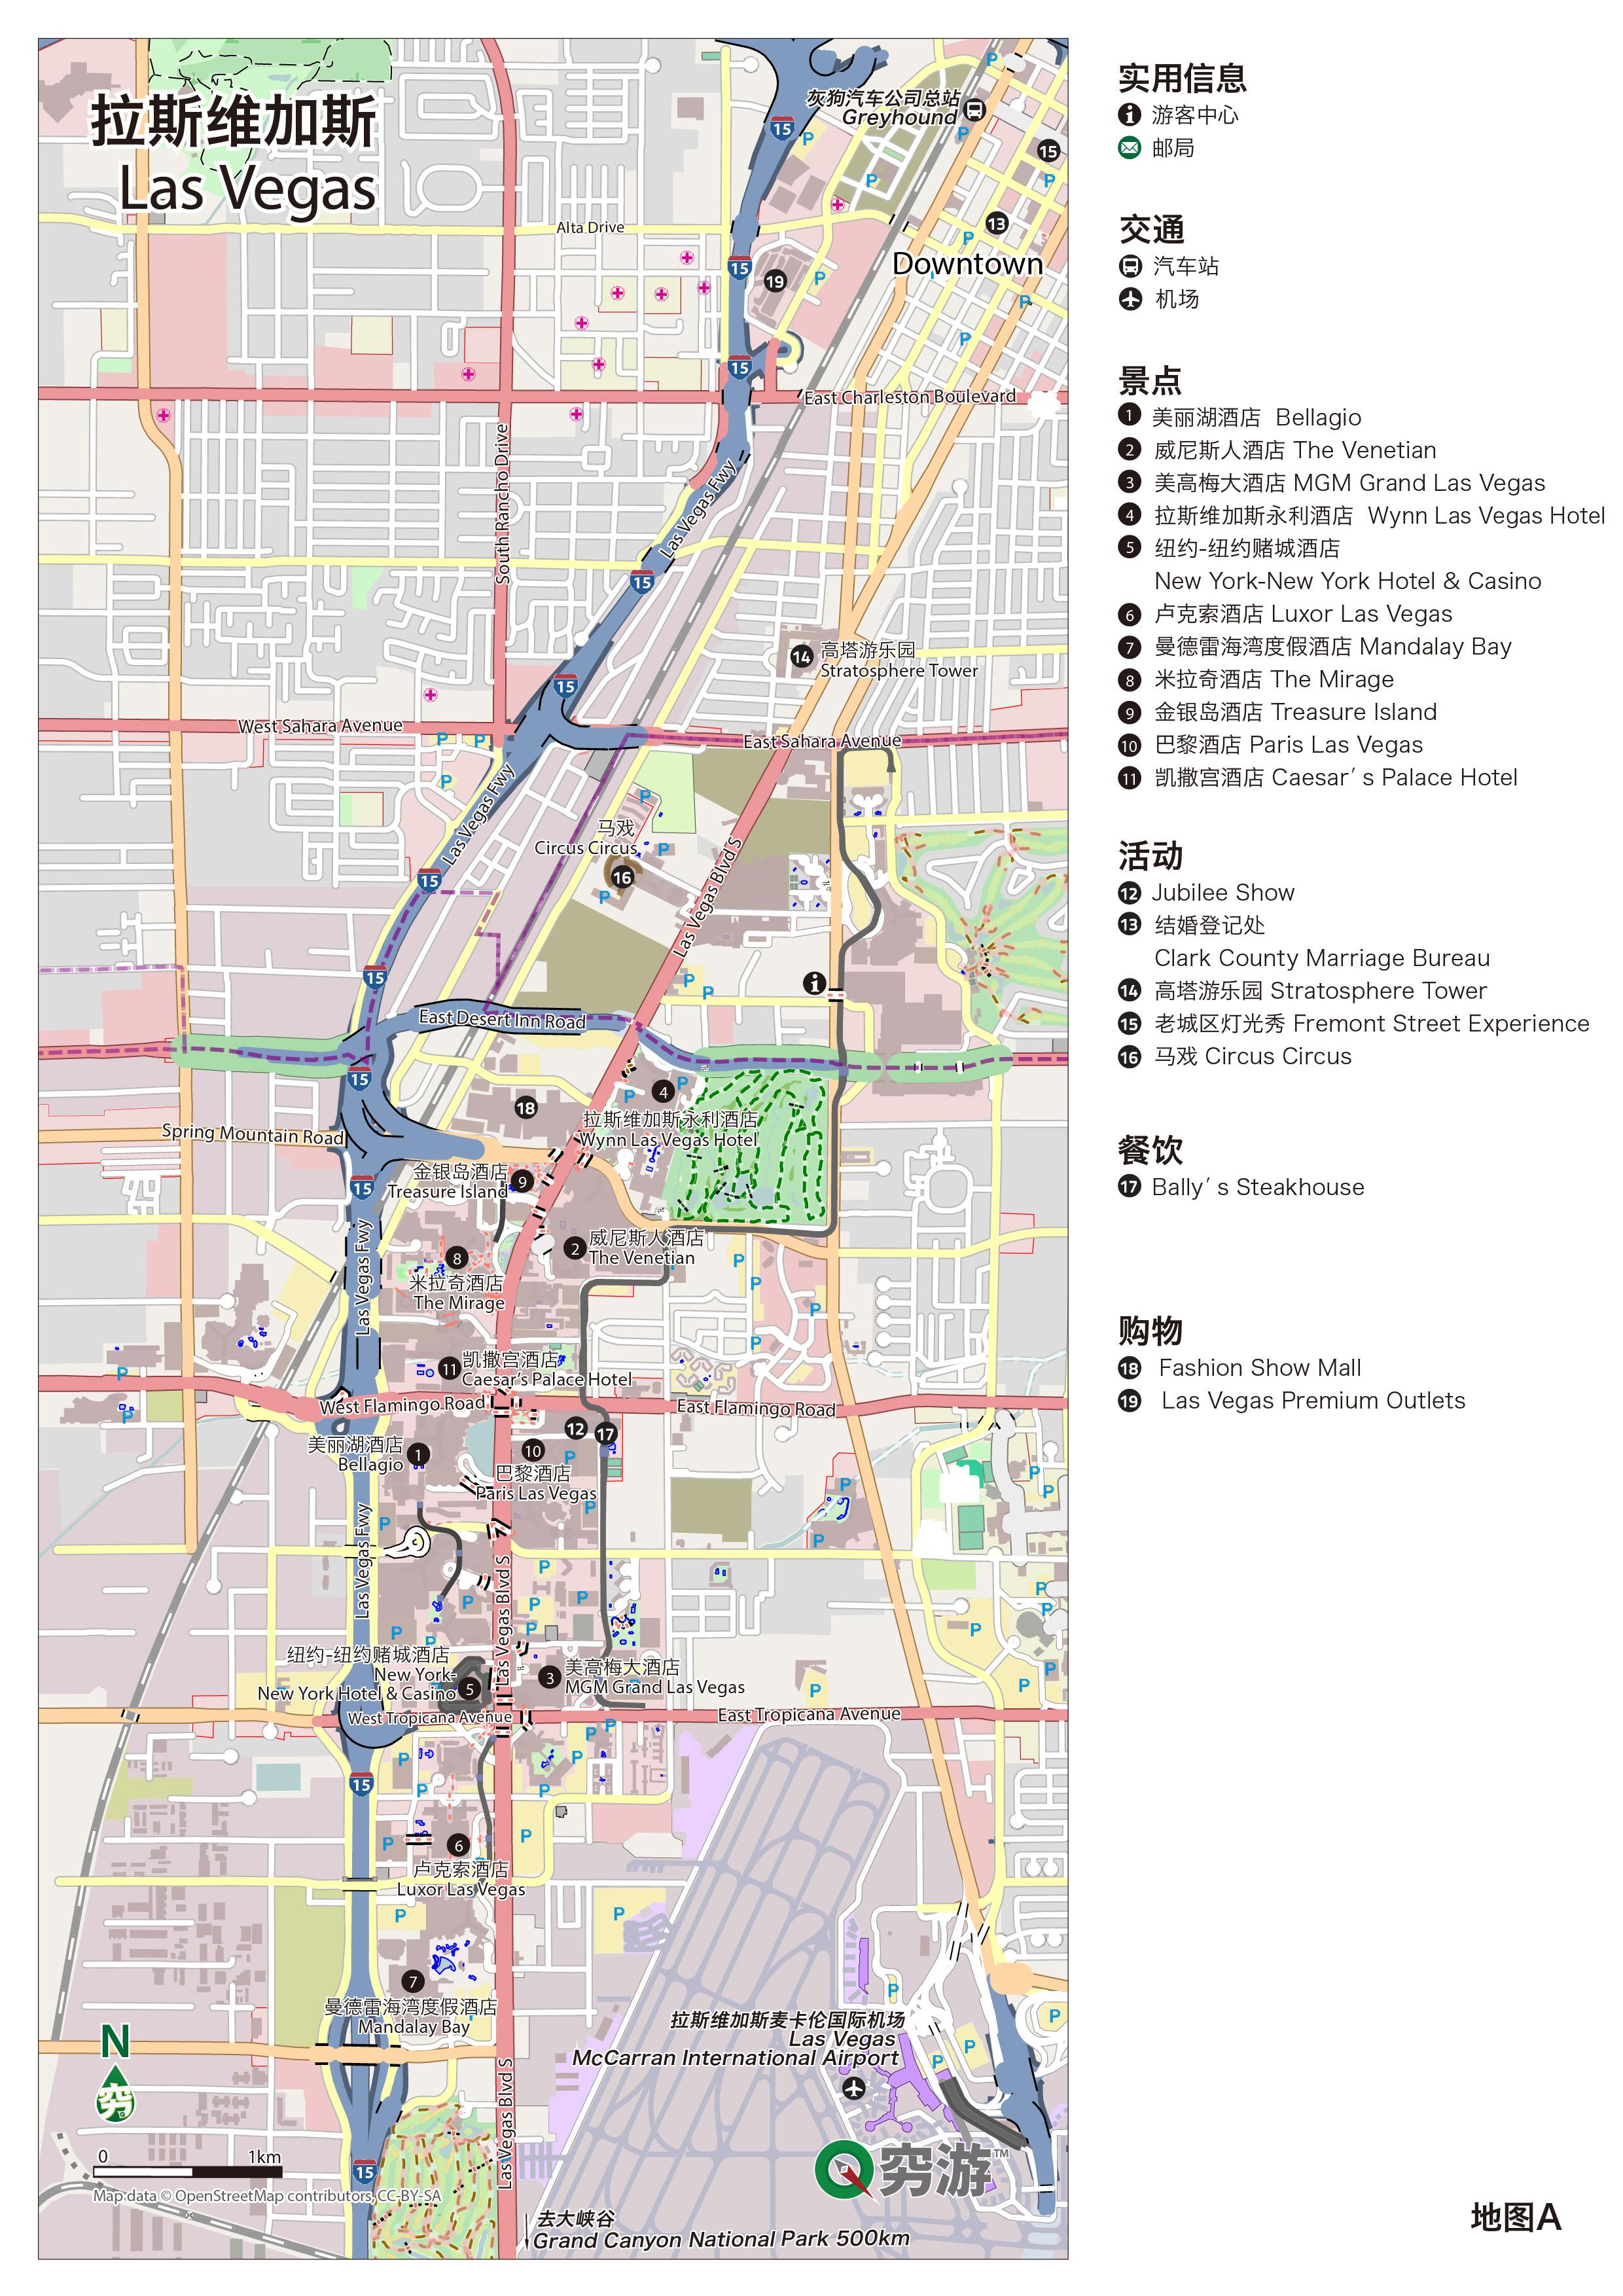 拉斯维加斯穷游锦囊:拉斯维加斯地图